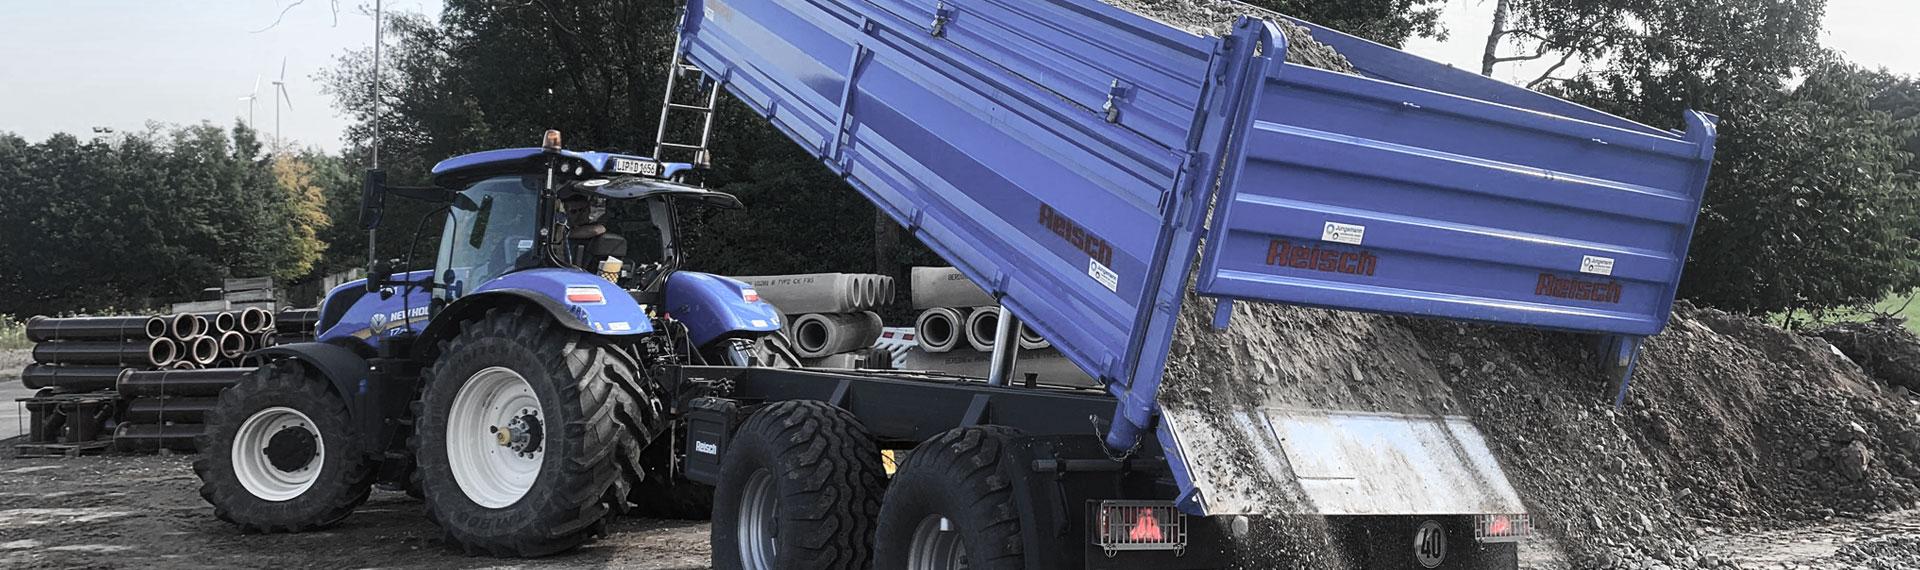 Un volquete azul con carrocería fabricada con chapa de acero Hardox® descargando rocas.